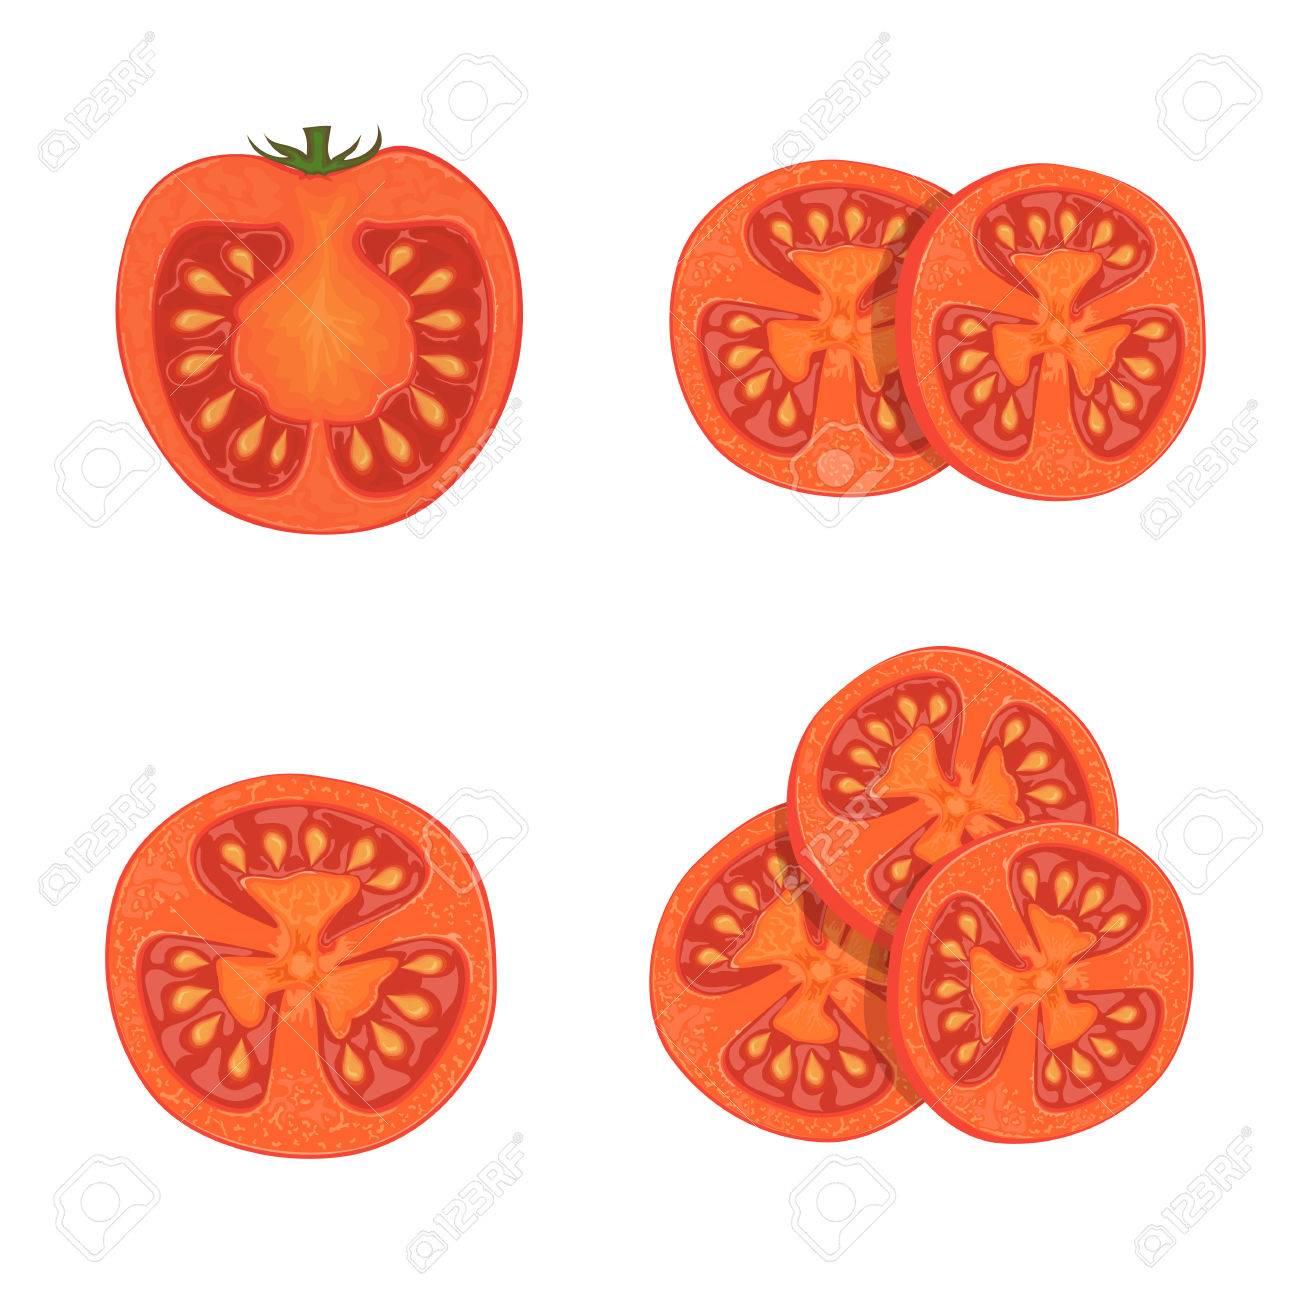 赤熟したトマトトマトのスライス白背景イラストに分離された